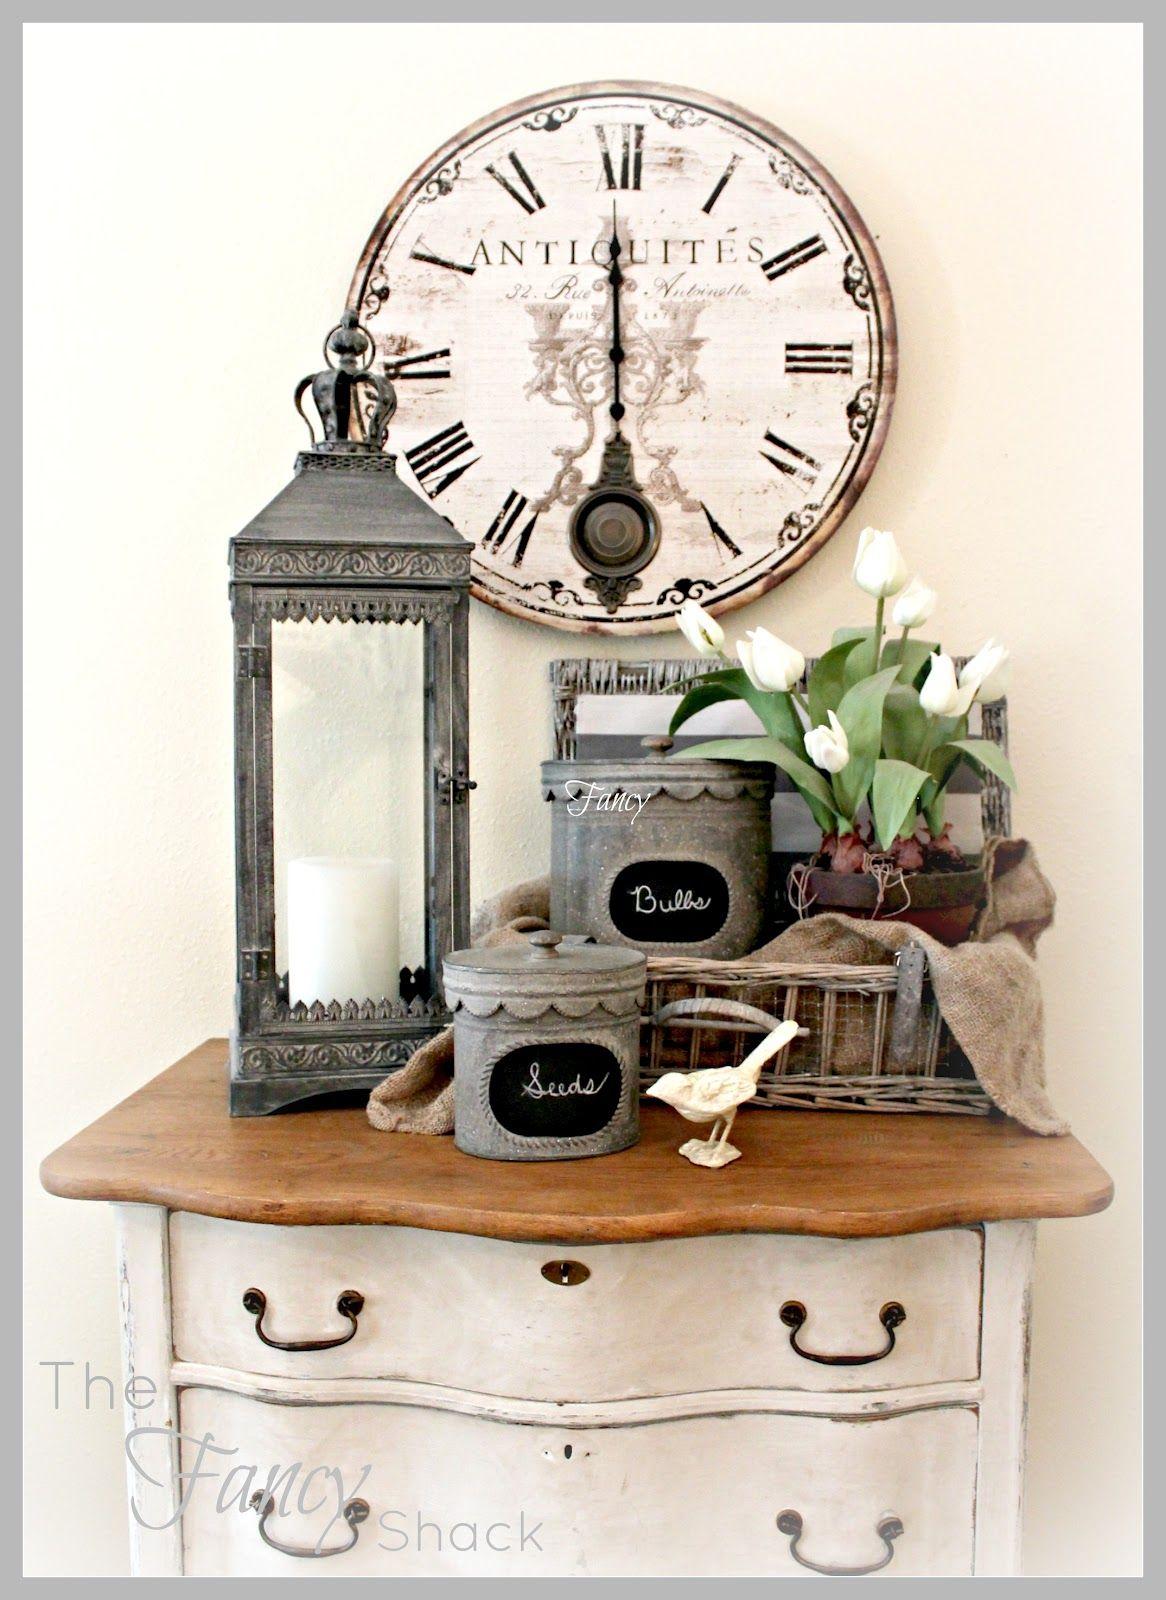 The fancy shack living room reveal cosas de madera para hacer pinterest reloj - Relojes de decoracion ...